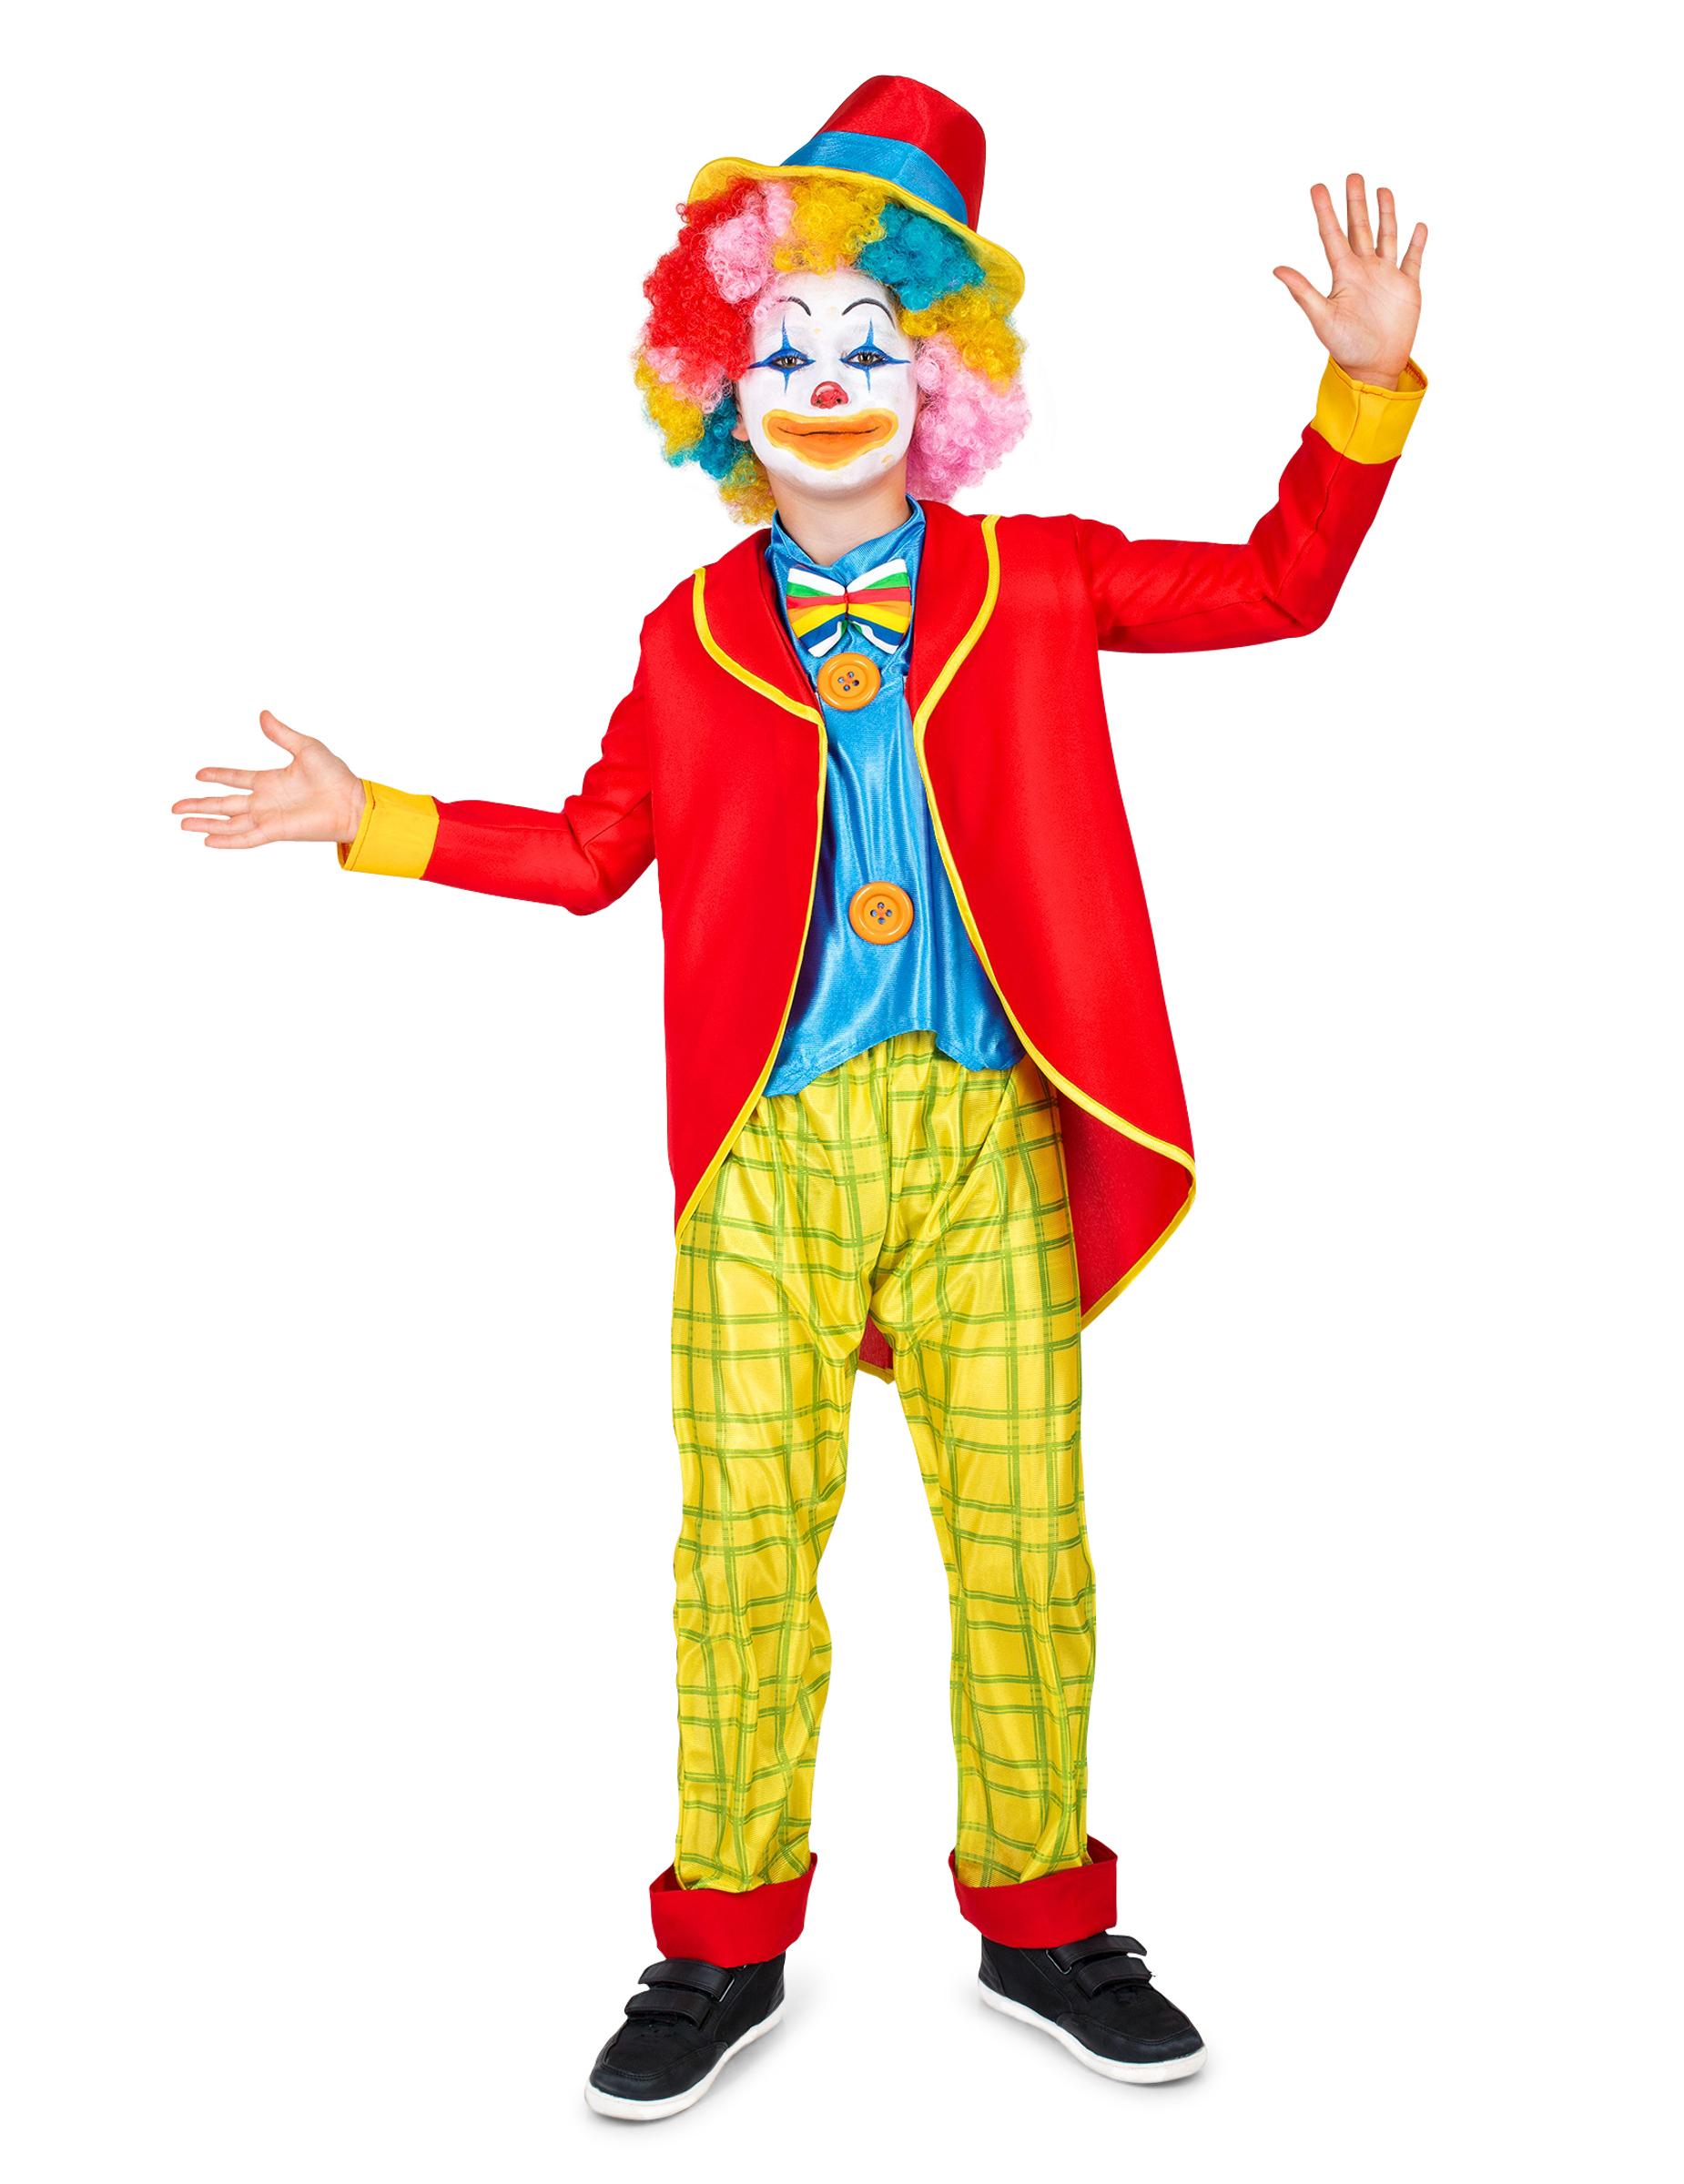 5d68114ab0b6 Costume da pagliaccio colorato bambino su VegaooParty